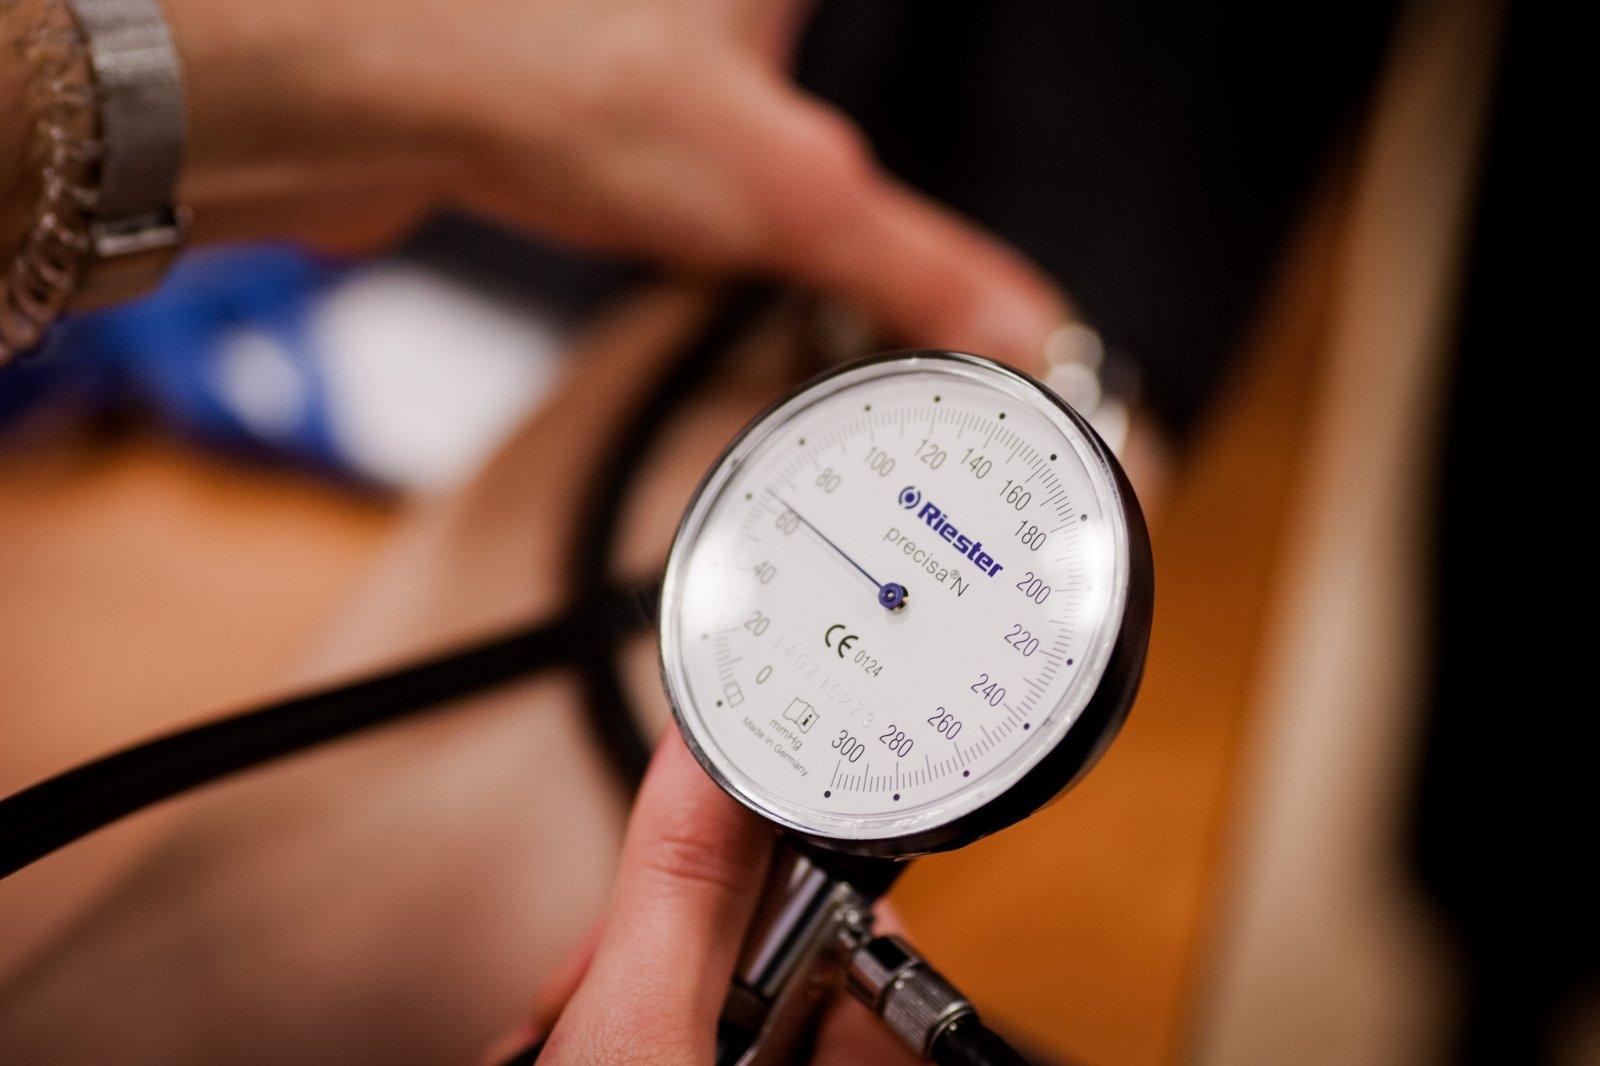 hipertenzija ligos eigą 3 hipertenzijos rizikos laipsnis 1